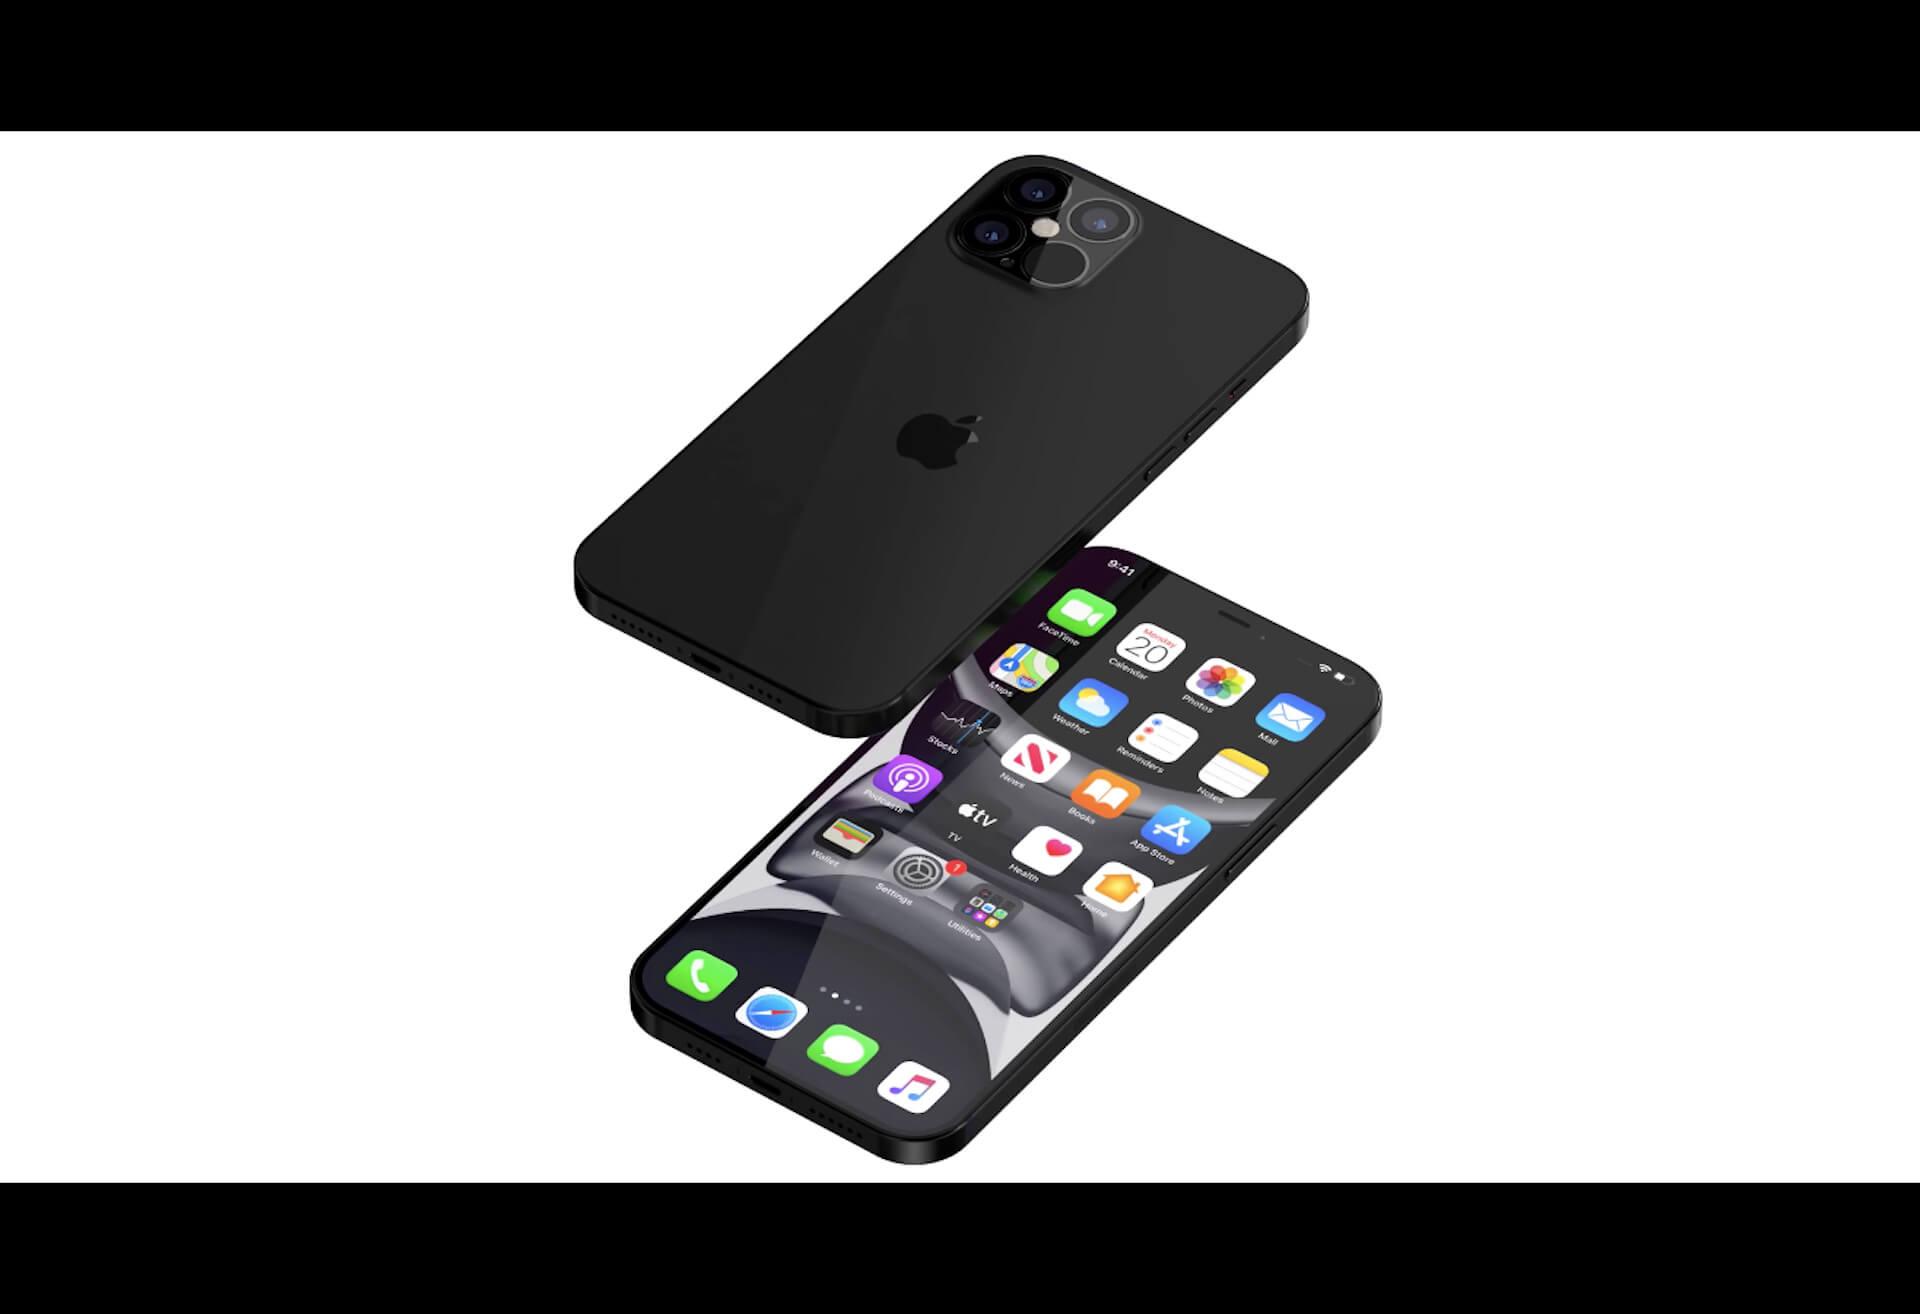 iPhone 12シリーズは発表から発売までにラグが生じる?2017年のiPhone Xと同様遅れる見込み tech200428_iphone12_date_main